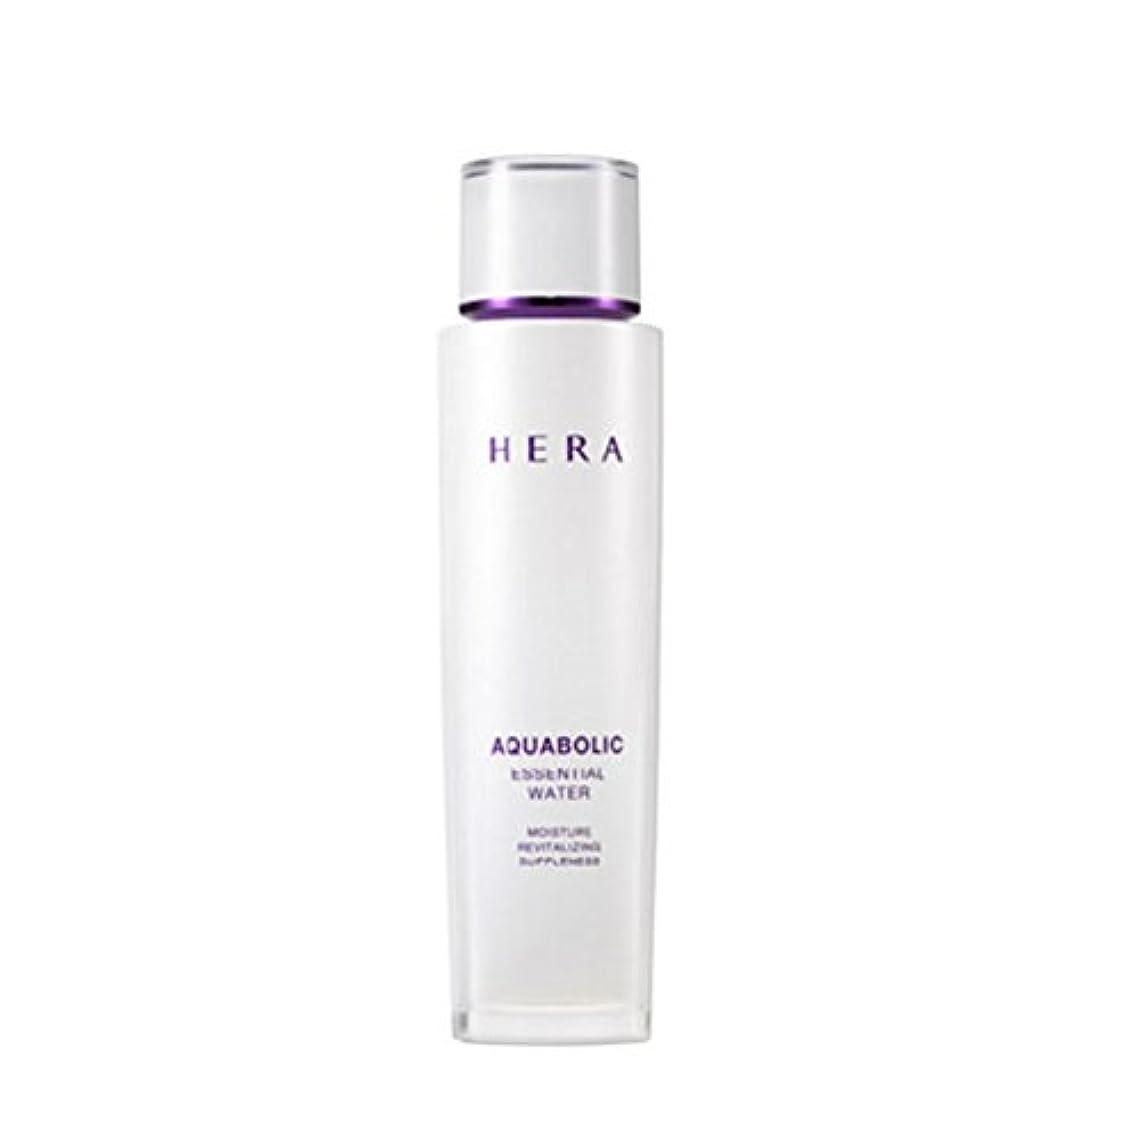 メトリック辞書絶望的な(ヘラ) HERA Aquabolic Essential Water アクアボルリクエッセンシャルウオーター (韓国直発送) oopspanda